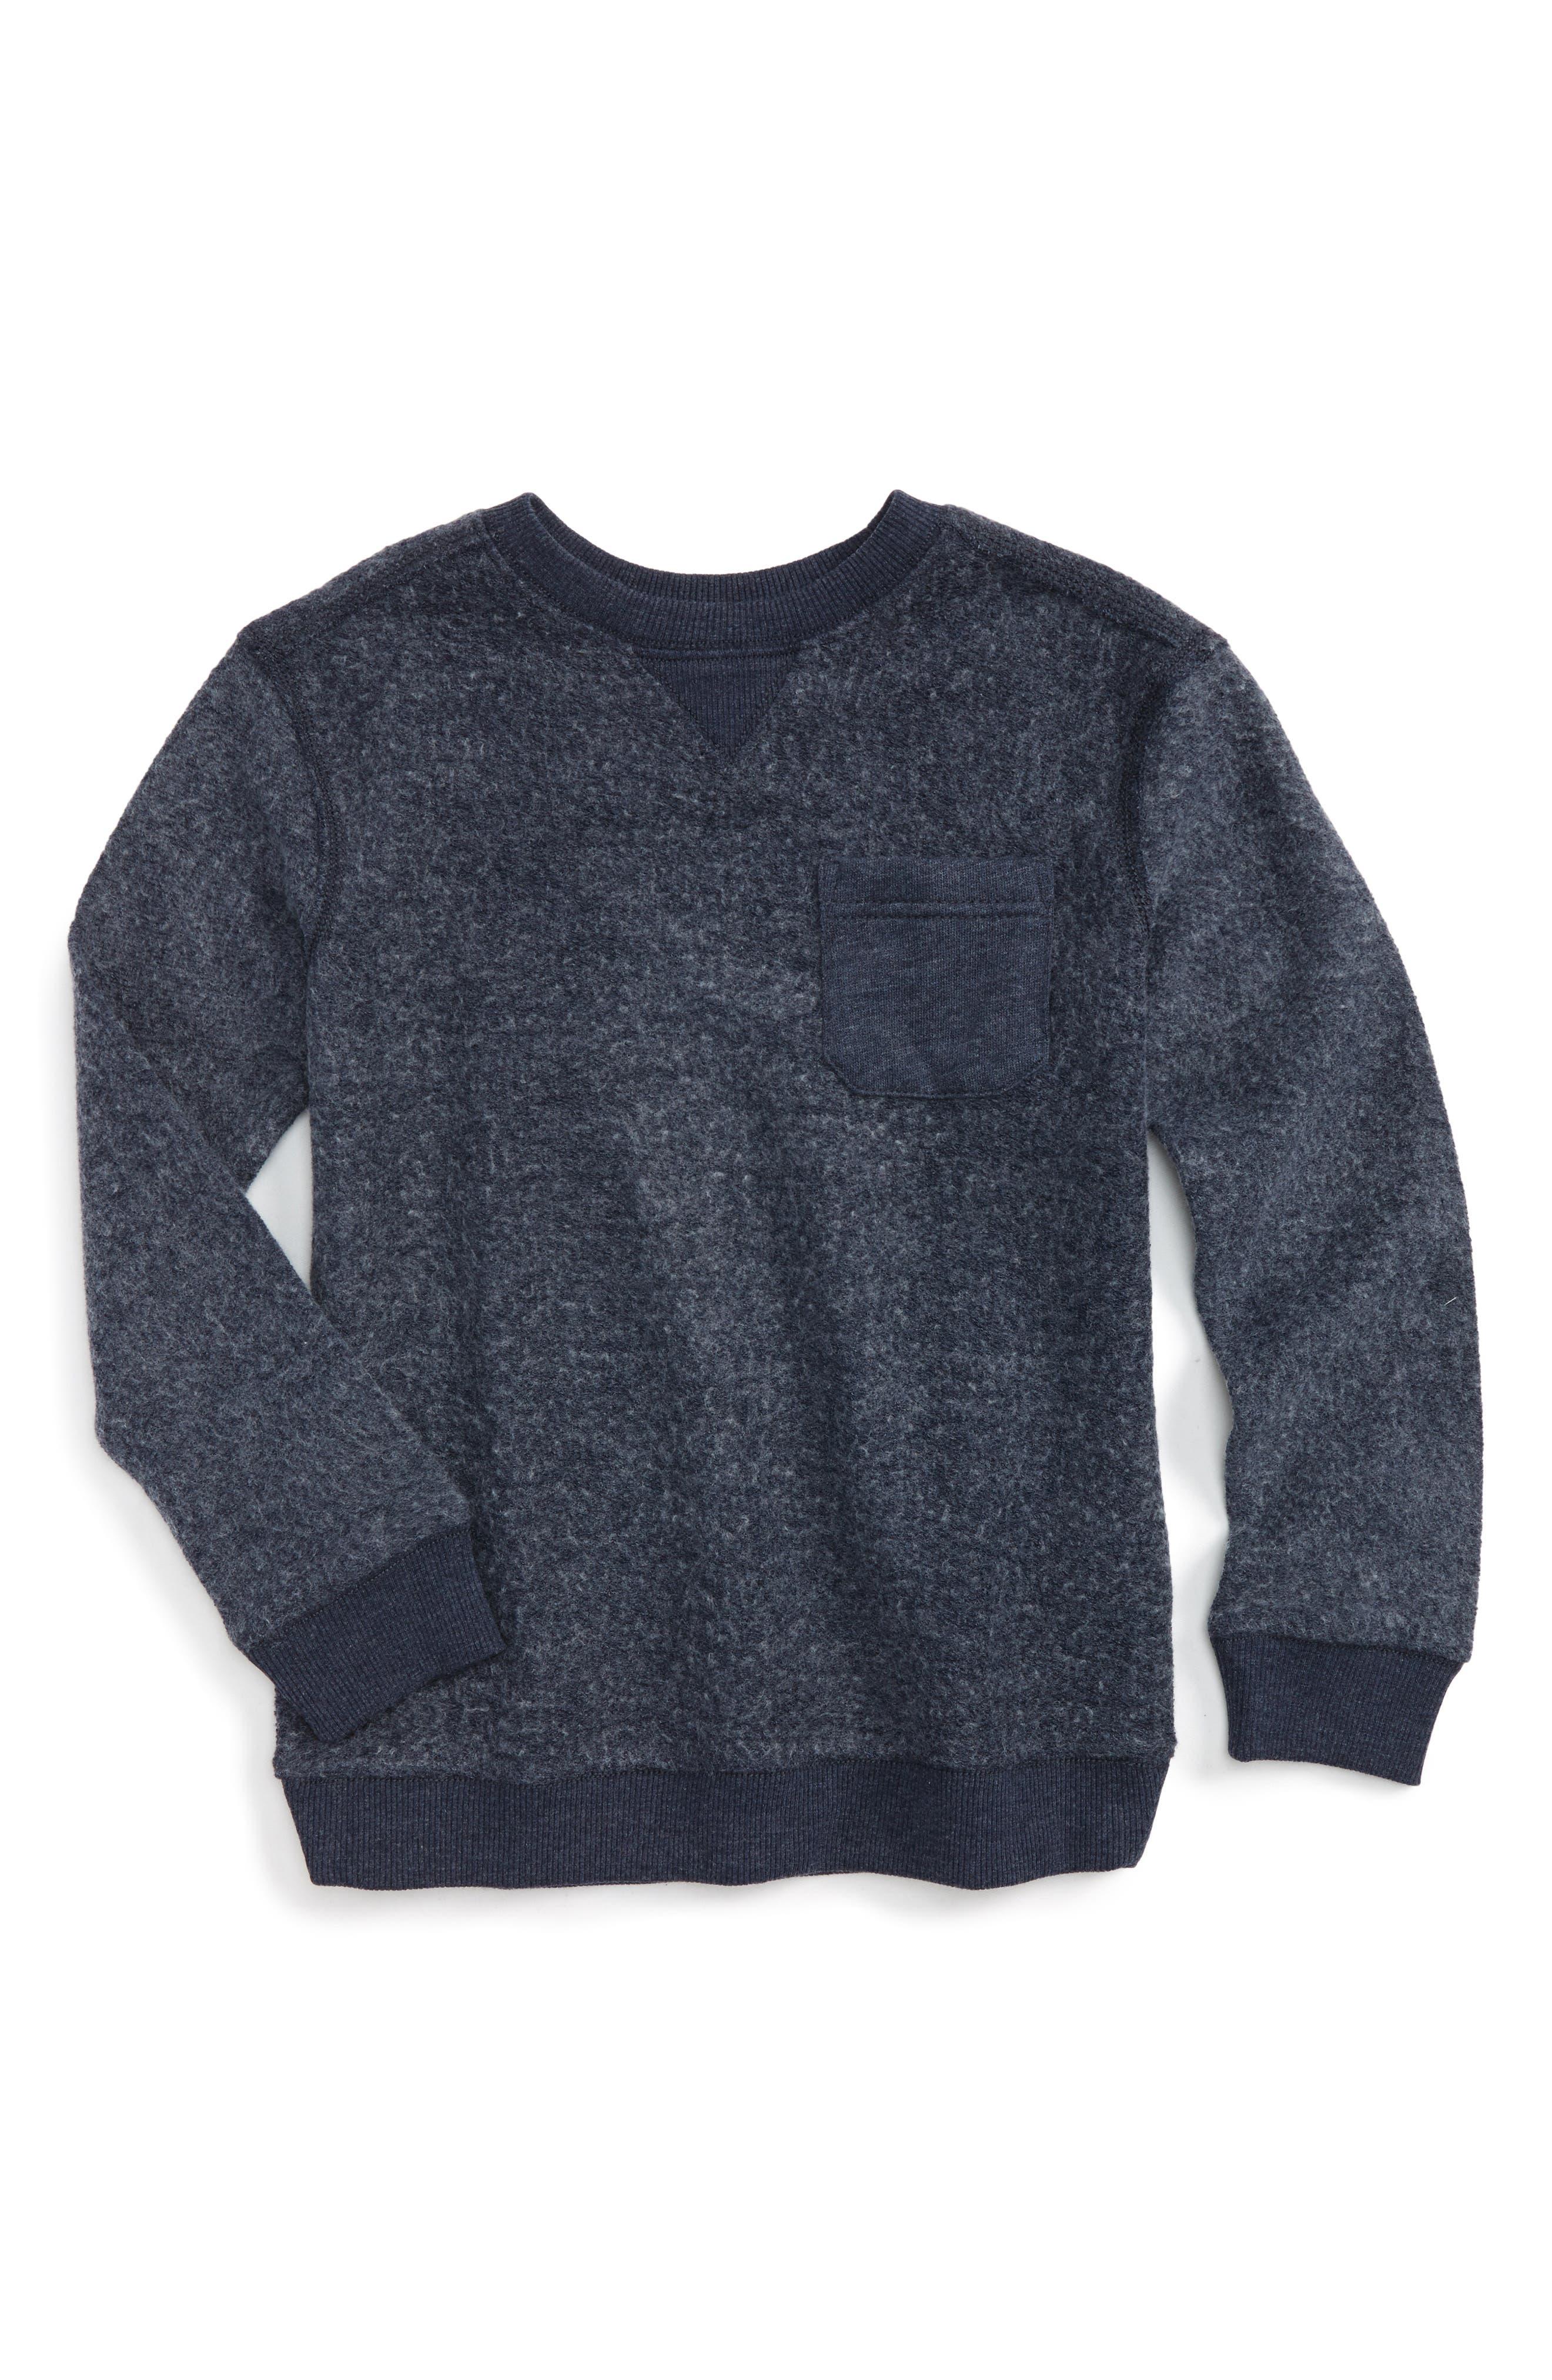 Fleece Sweatshirt,                         Main,                         color, Navy Denim